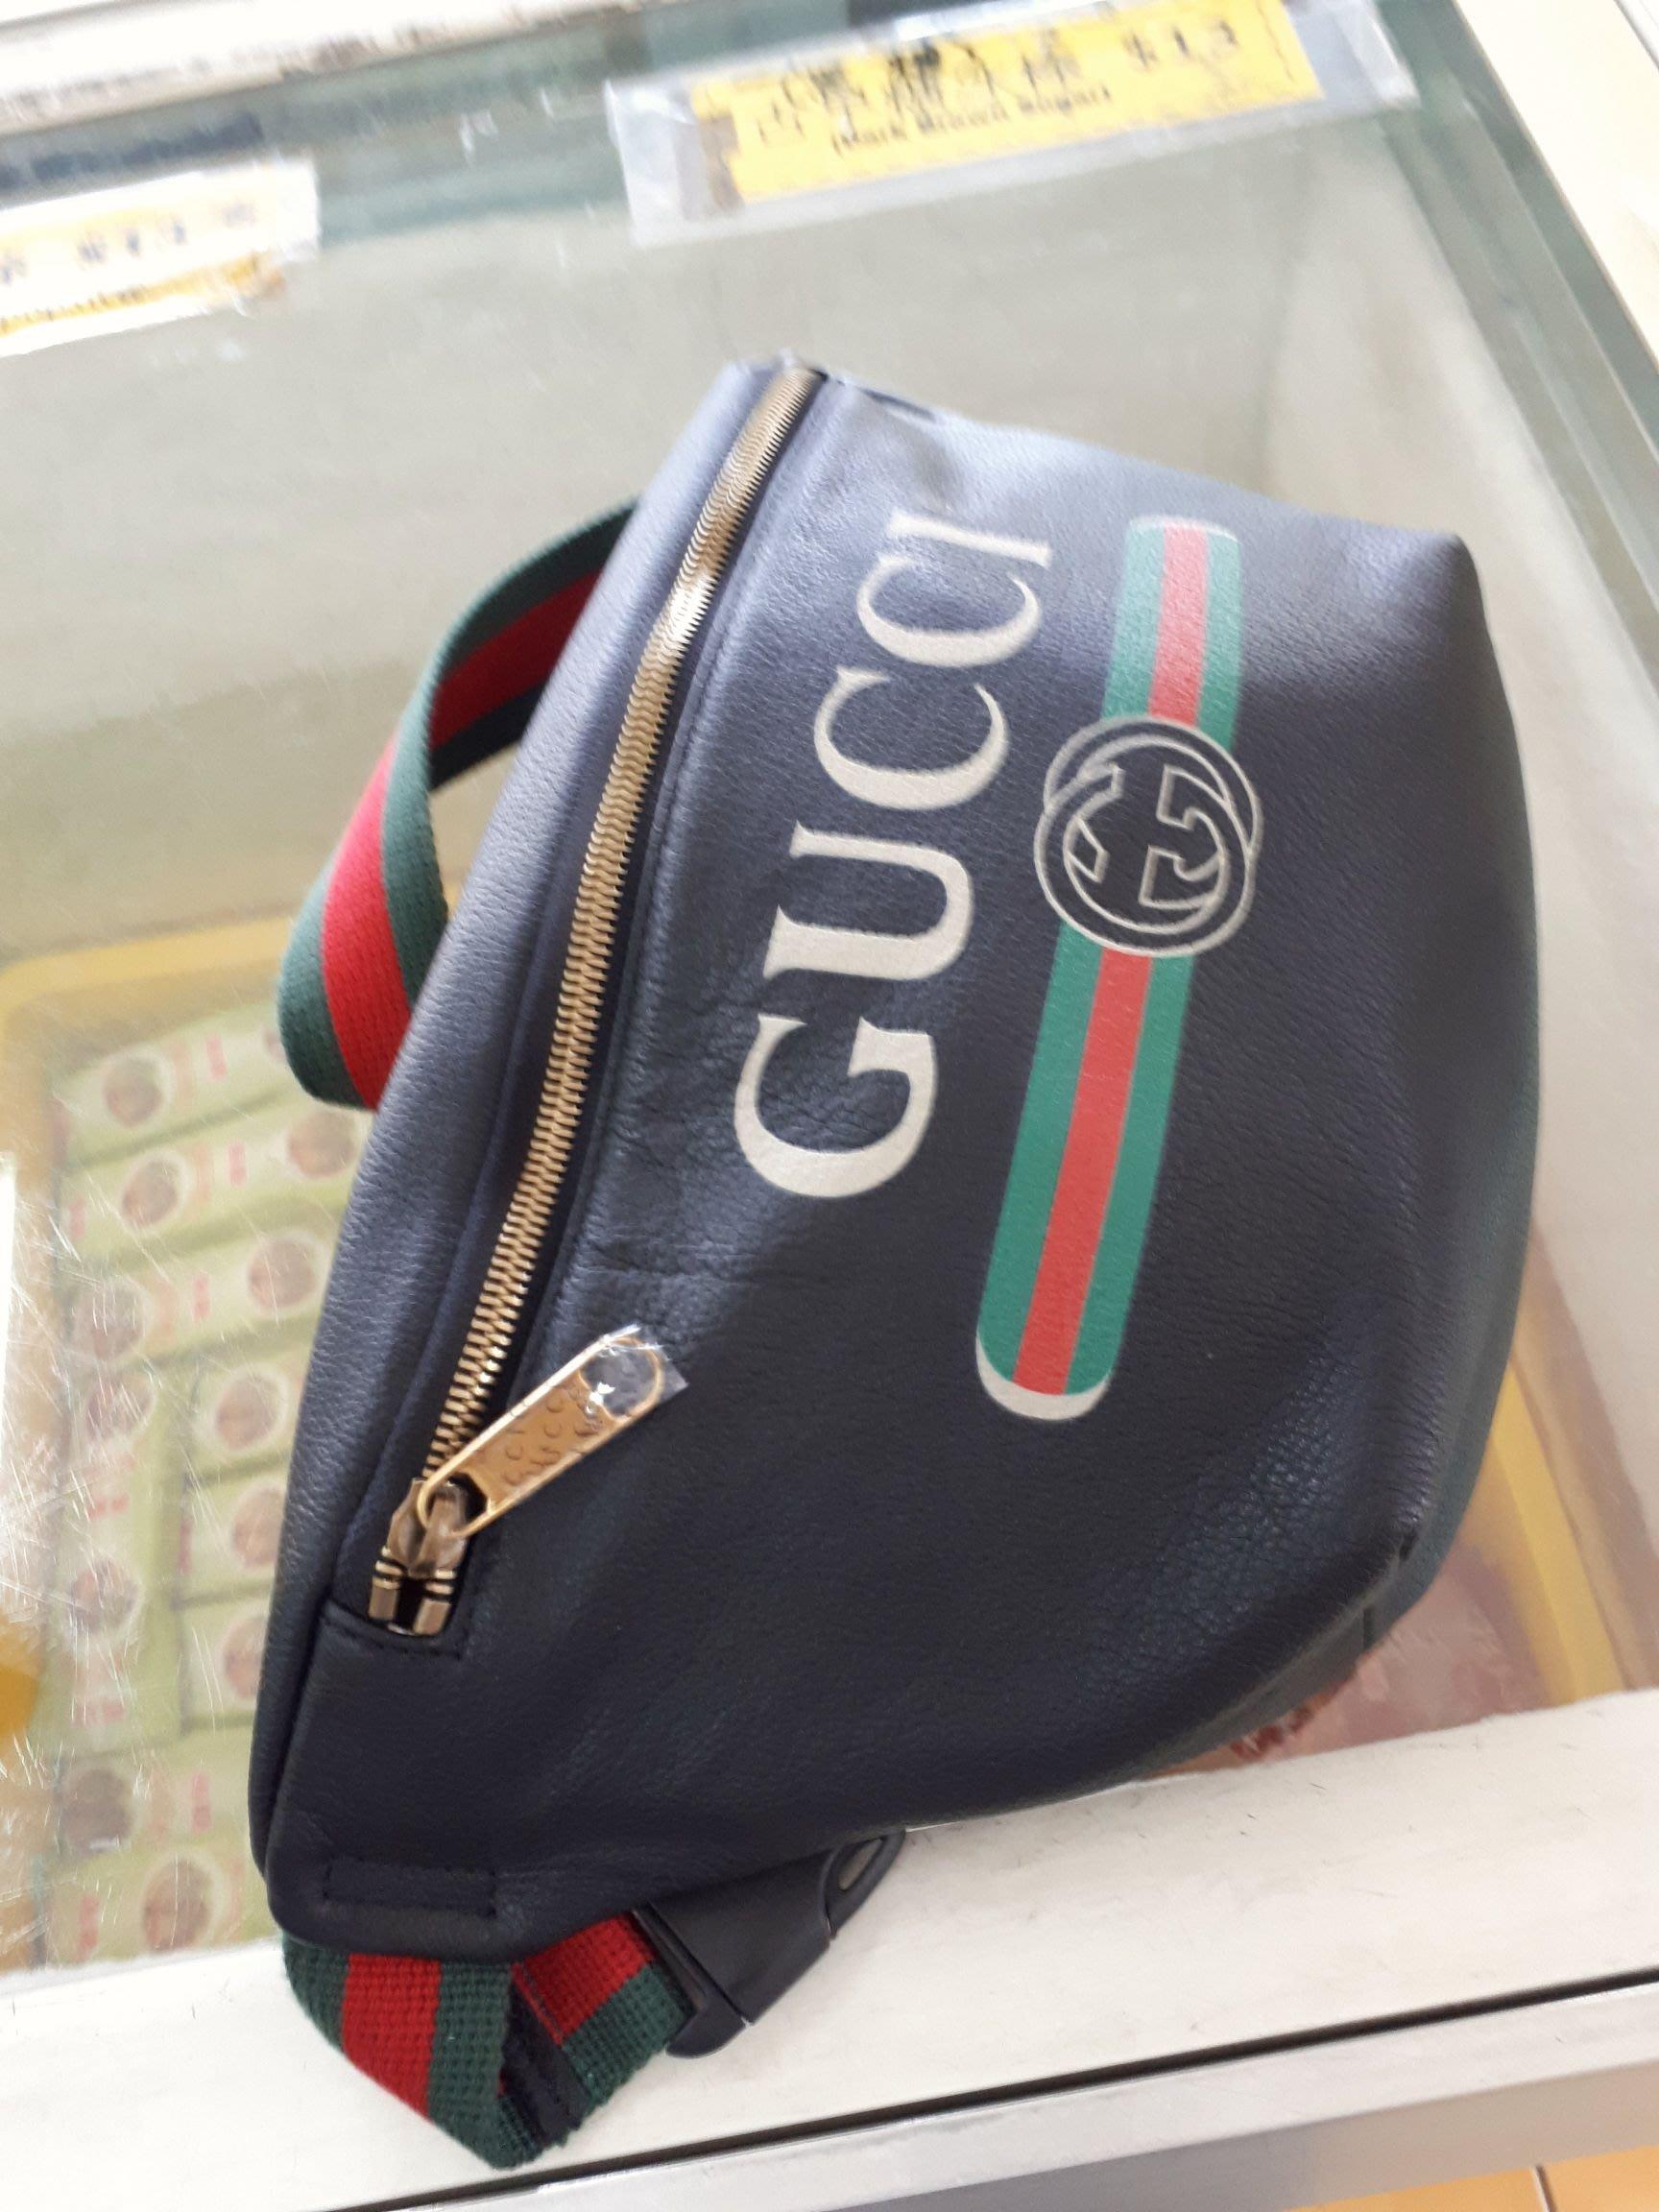 原單 喜歡私訊 Gucci   經典標誌印花皮革 28厘米(寬)x 18厘米(高) x 8厘米(深) 棉麻內襯 腰包/胸掛包  郵局宅配